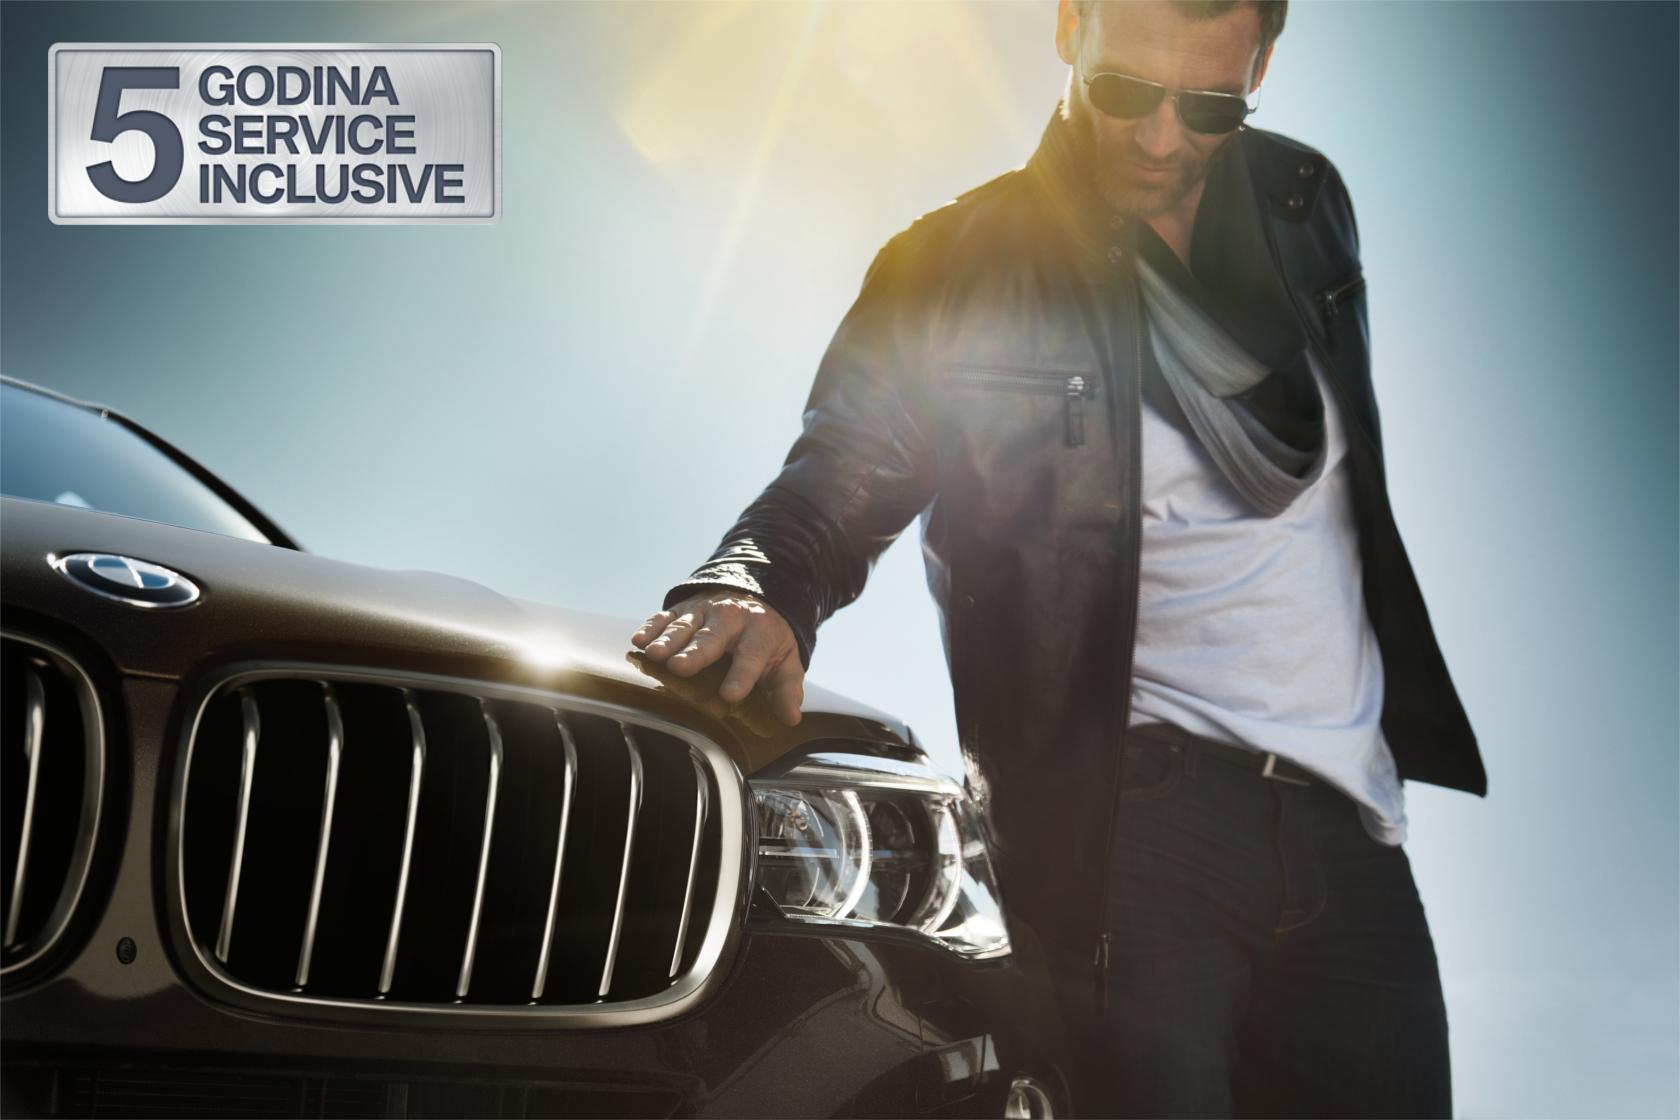 Novi MINI i BMW uz SERVICE INCLUSIVE u trajanju od 4 godine odnosno 5 godina